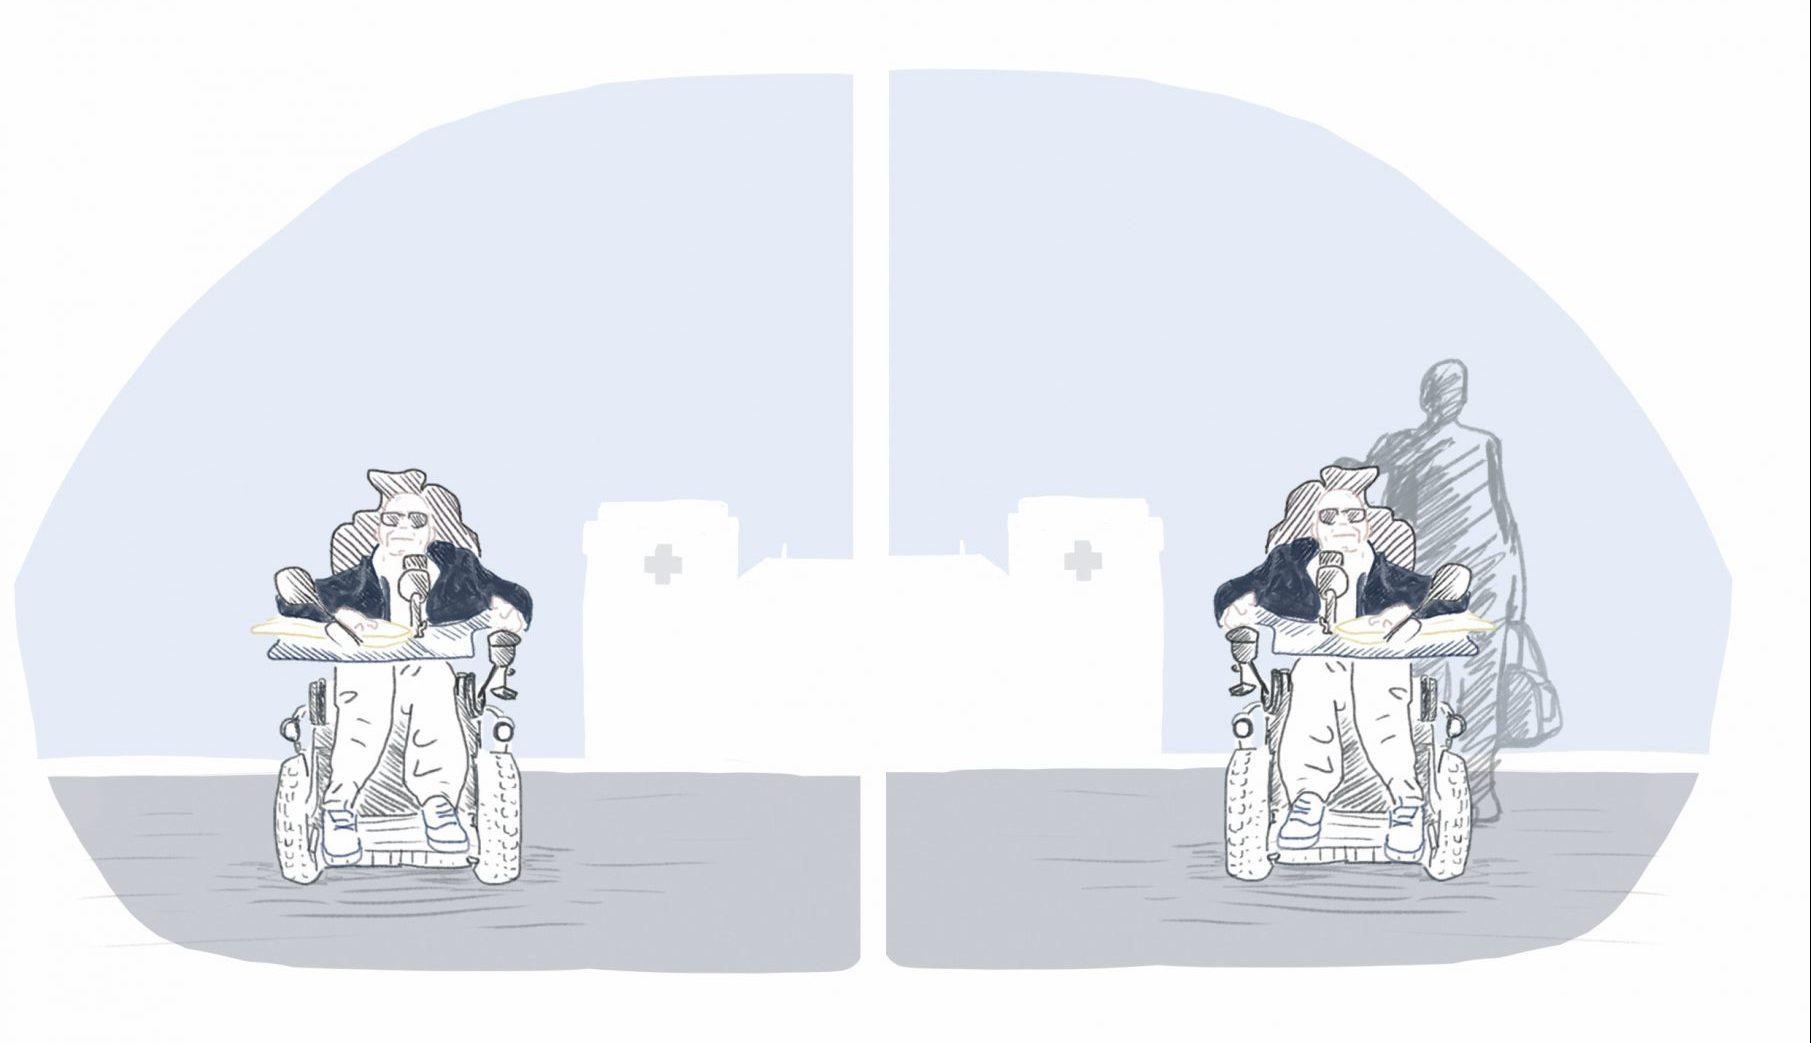 Illustartion einer Rollstuhlfahrers im Vergleich mit einem Rollstuhl-Fahrer und Assistent